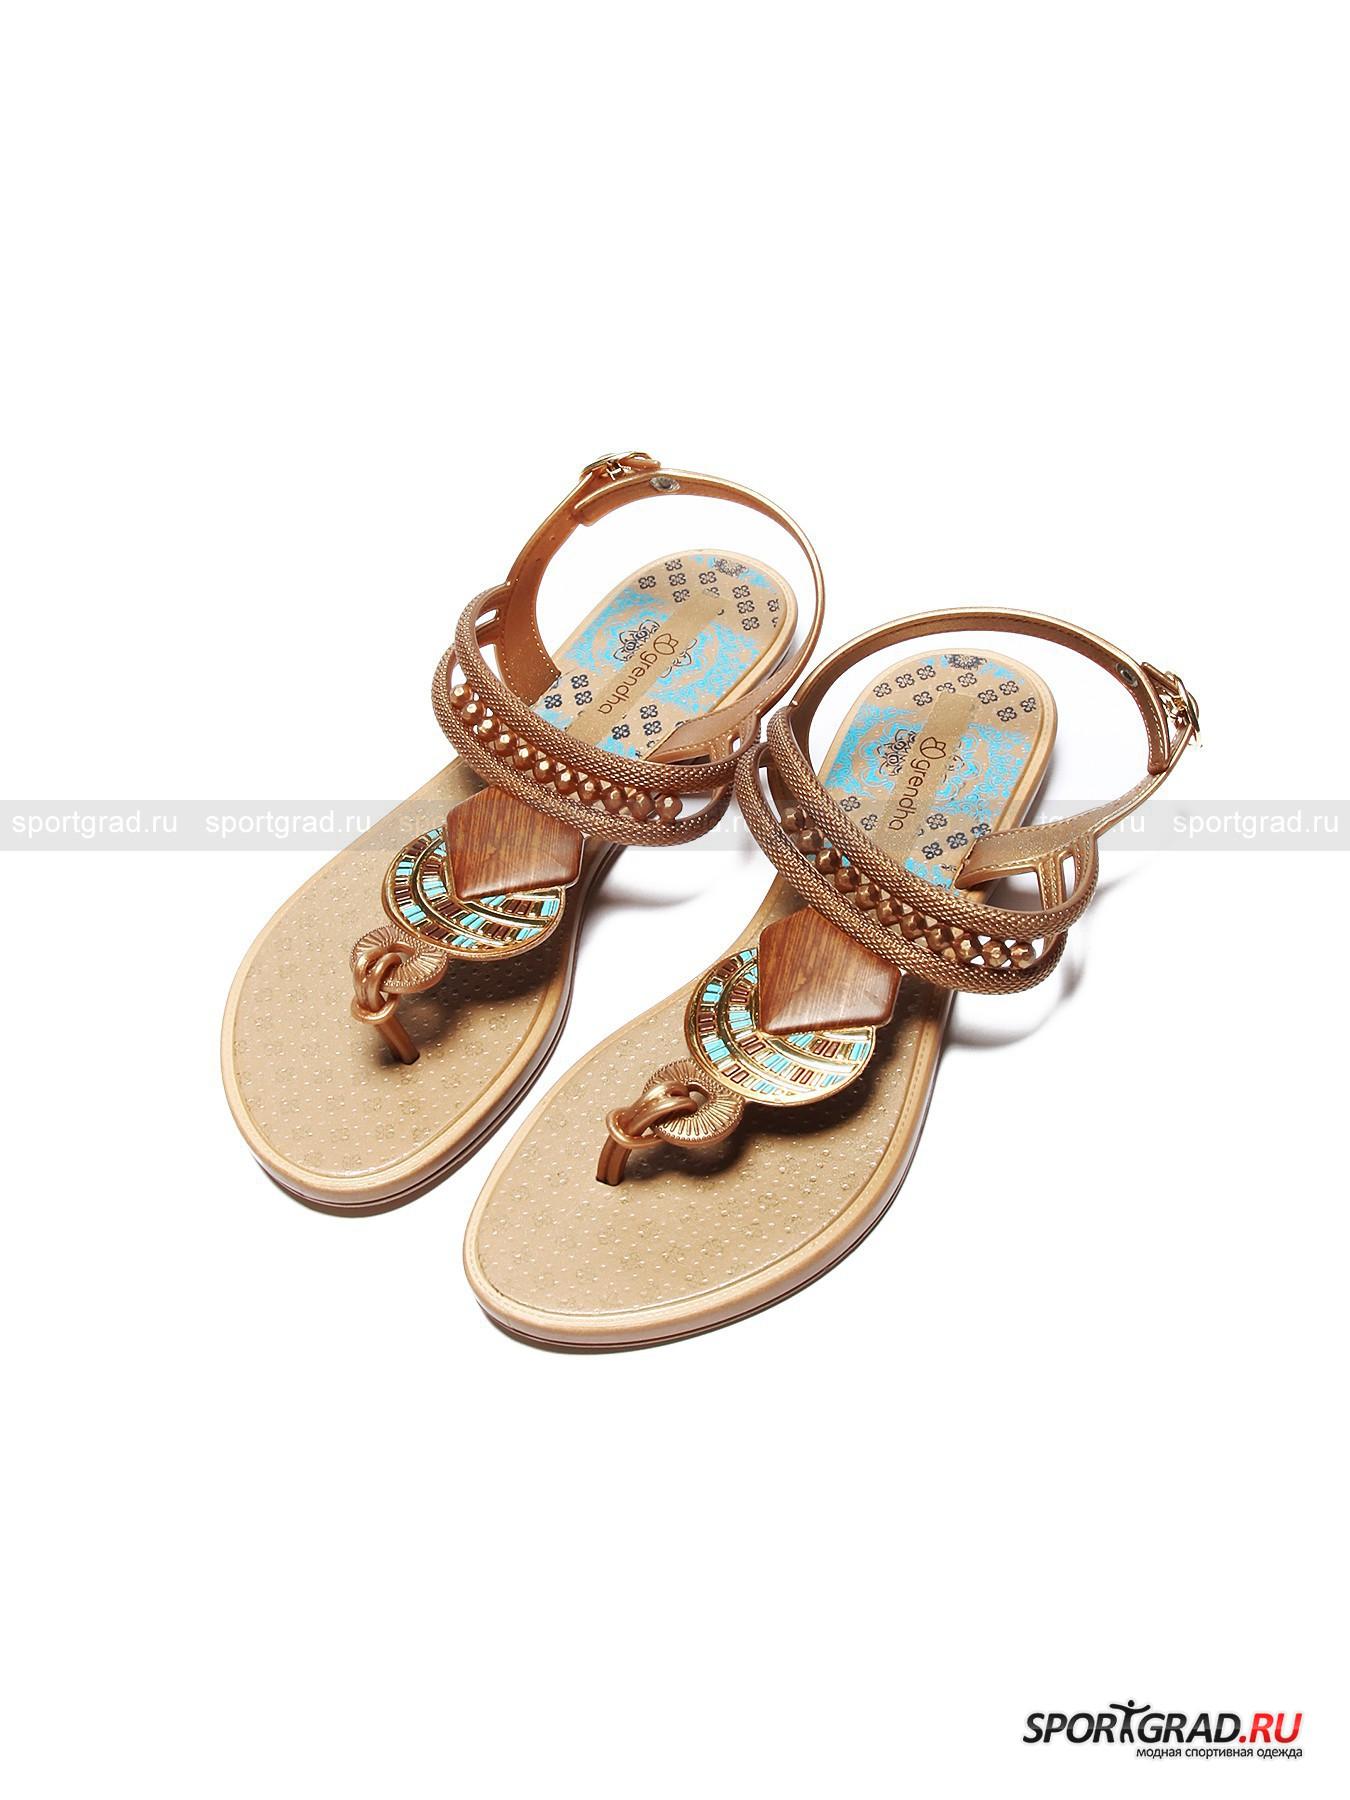 Сандалии женские Tribal Sandal  GRENDHAСандалии<br>Очаровательные сандалии с «восточными» элементами дизайна Tribal Sandal Grendha выступают в первую очередь в качестве пляжной обуви, но вполне подойдут и для ношения в городе в жаркую погоду. Они изготовлены из высококачественного синтетического материала, полученного из вторсырья, что несомненно придется по вкусу всем, кто заботится об экологии планеты. Материал этот гибок, эластичен, комфортен в носке и не боится воды.<br>Особенности модели:<br>- объем ремешка на щиколотке регулируется;<br>- подошва гибкая и не совсем плоская – есть небольшой каблучок;<br>- декоративные элементы сияют на свету.<br><br>Пол: Женский<br>Возраст: Взрослый<br>Тип: Сандалии<br>Рекомендации по уходу: Мыть водой с мягким чистящим средством.<br>Состав: Синтетические материалы.